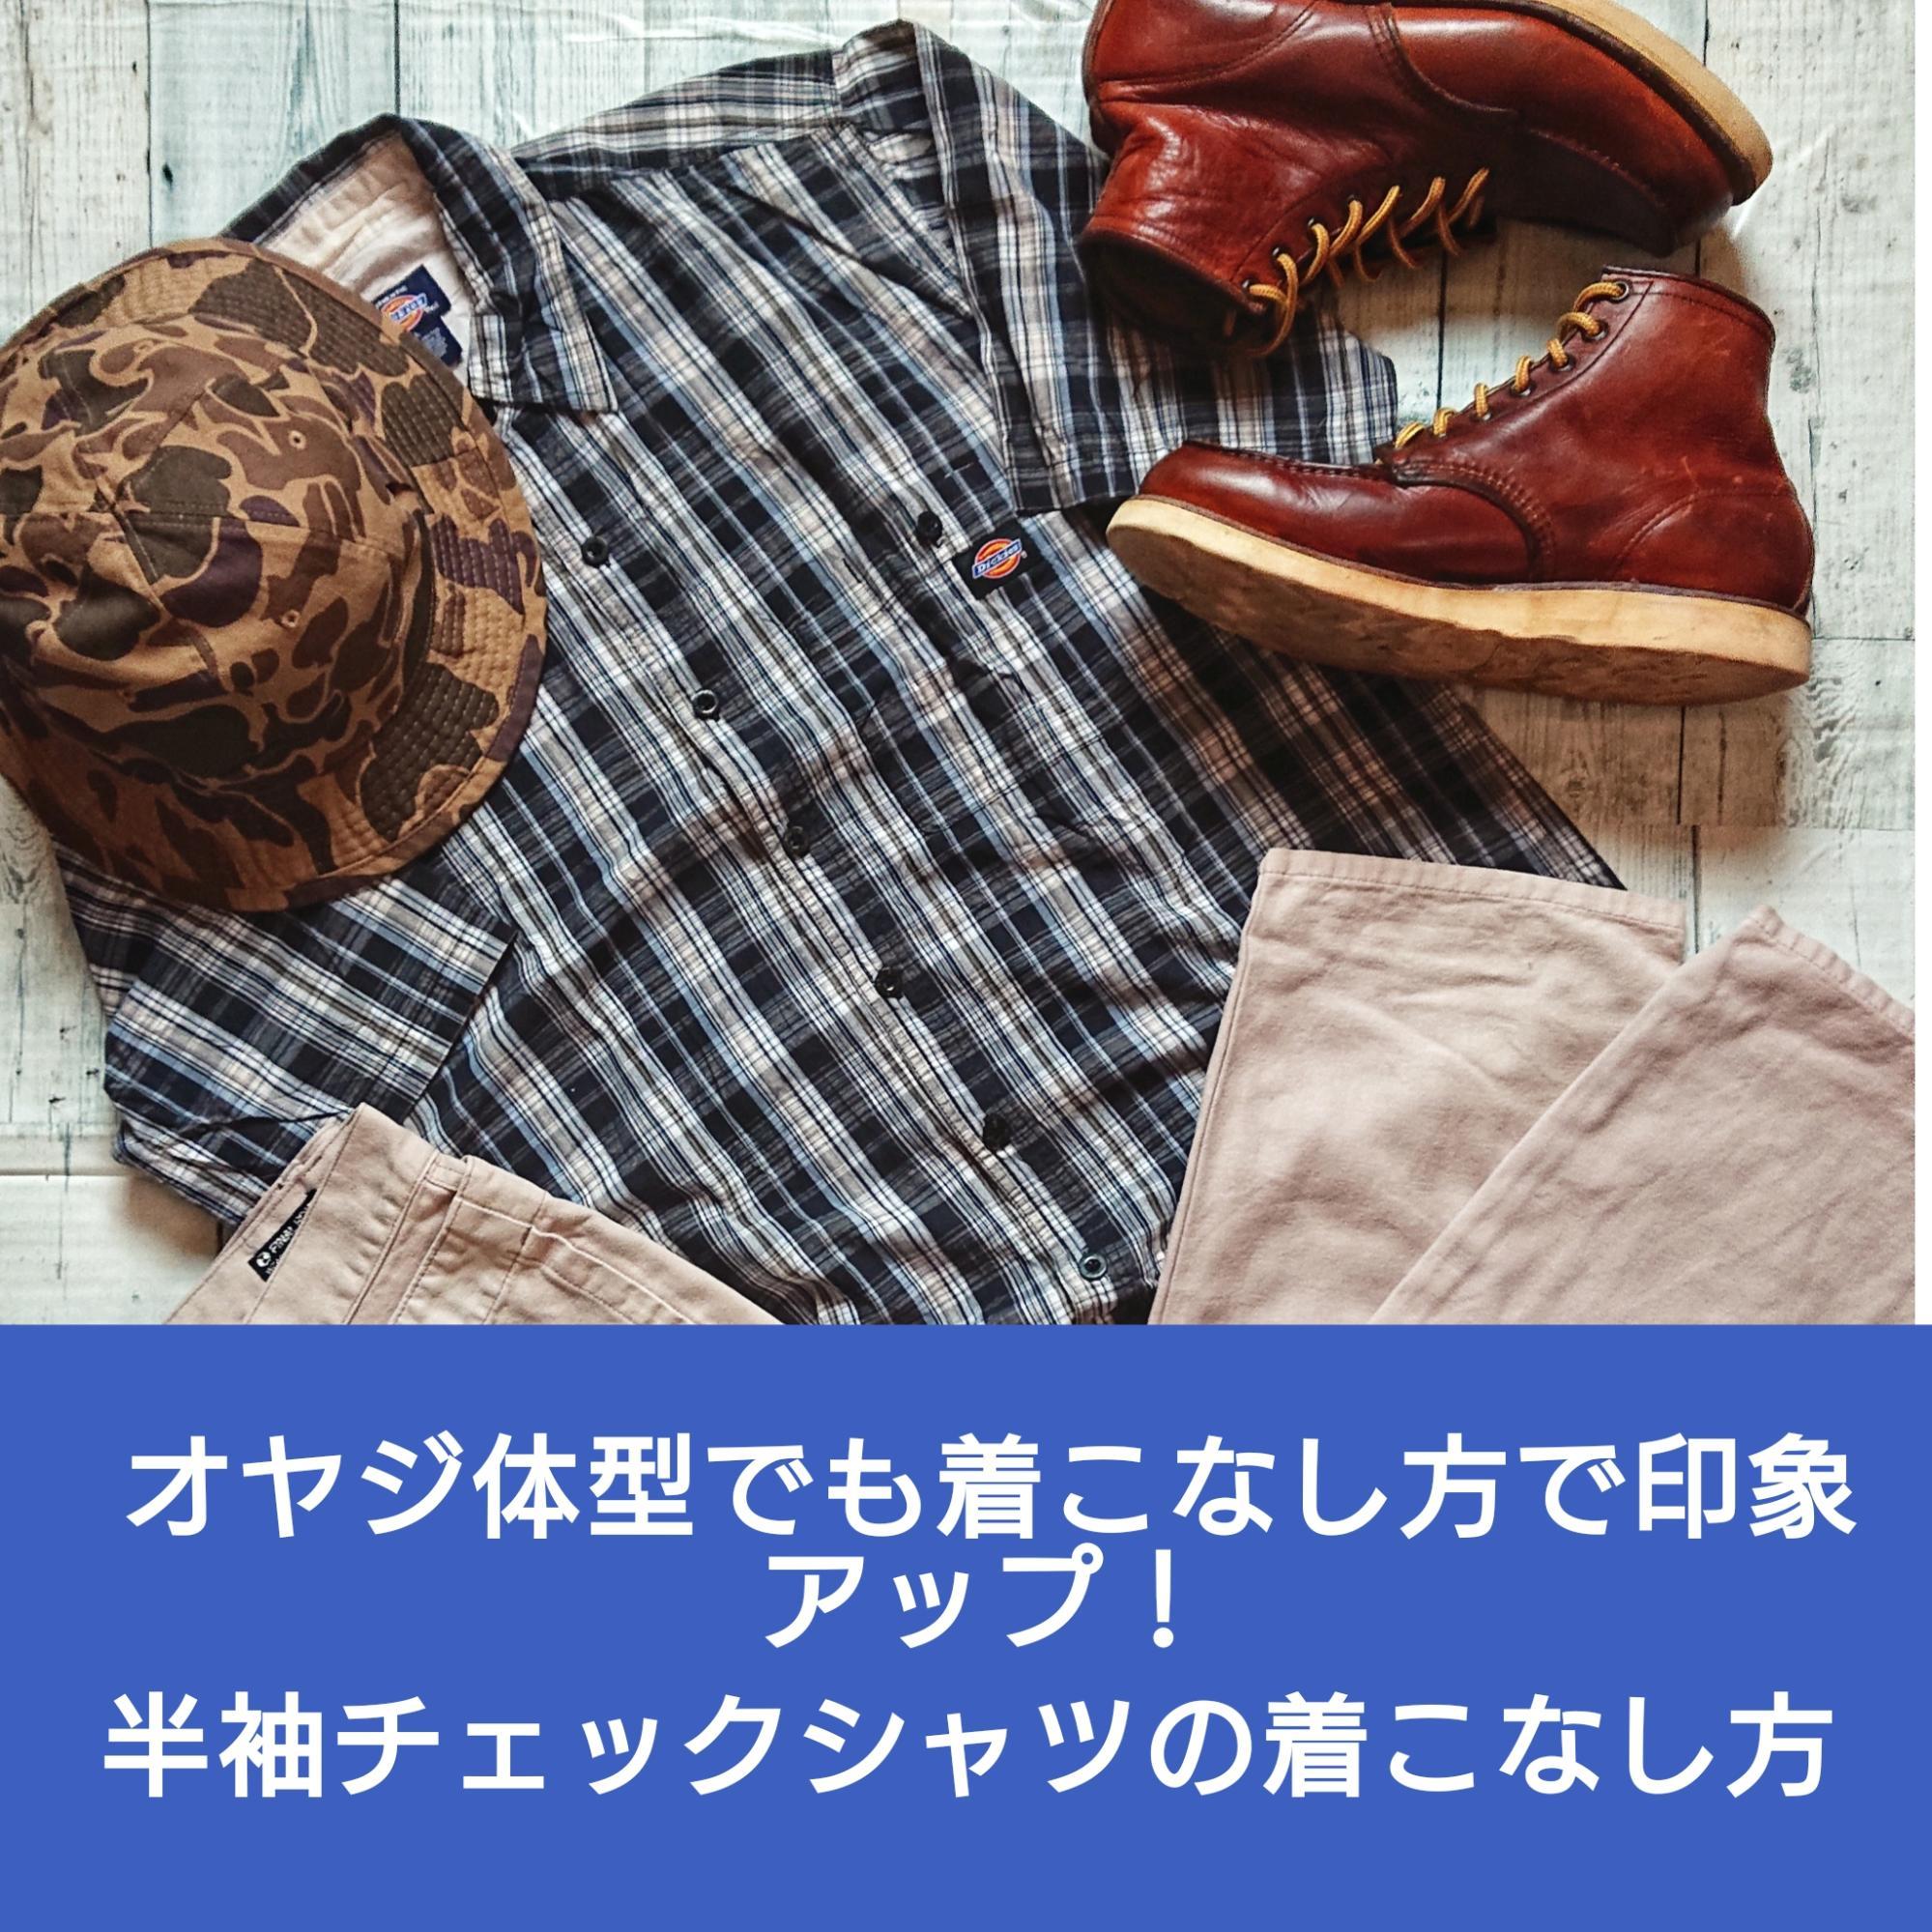 オヤジ体型でも着こなし方で印象アップ!半袖チェックシャツの着こなし方